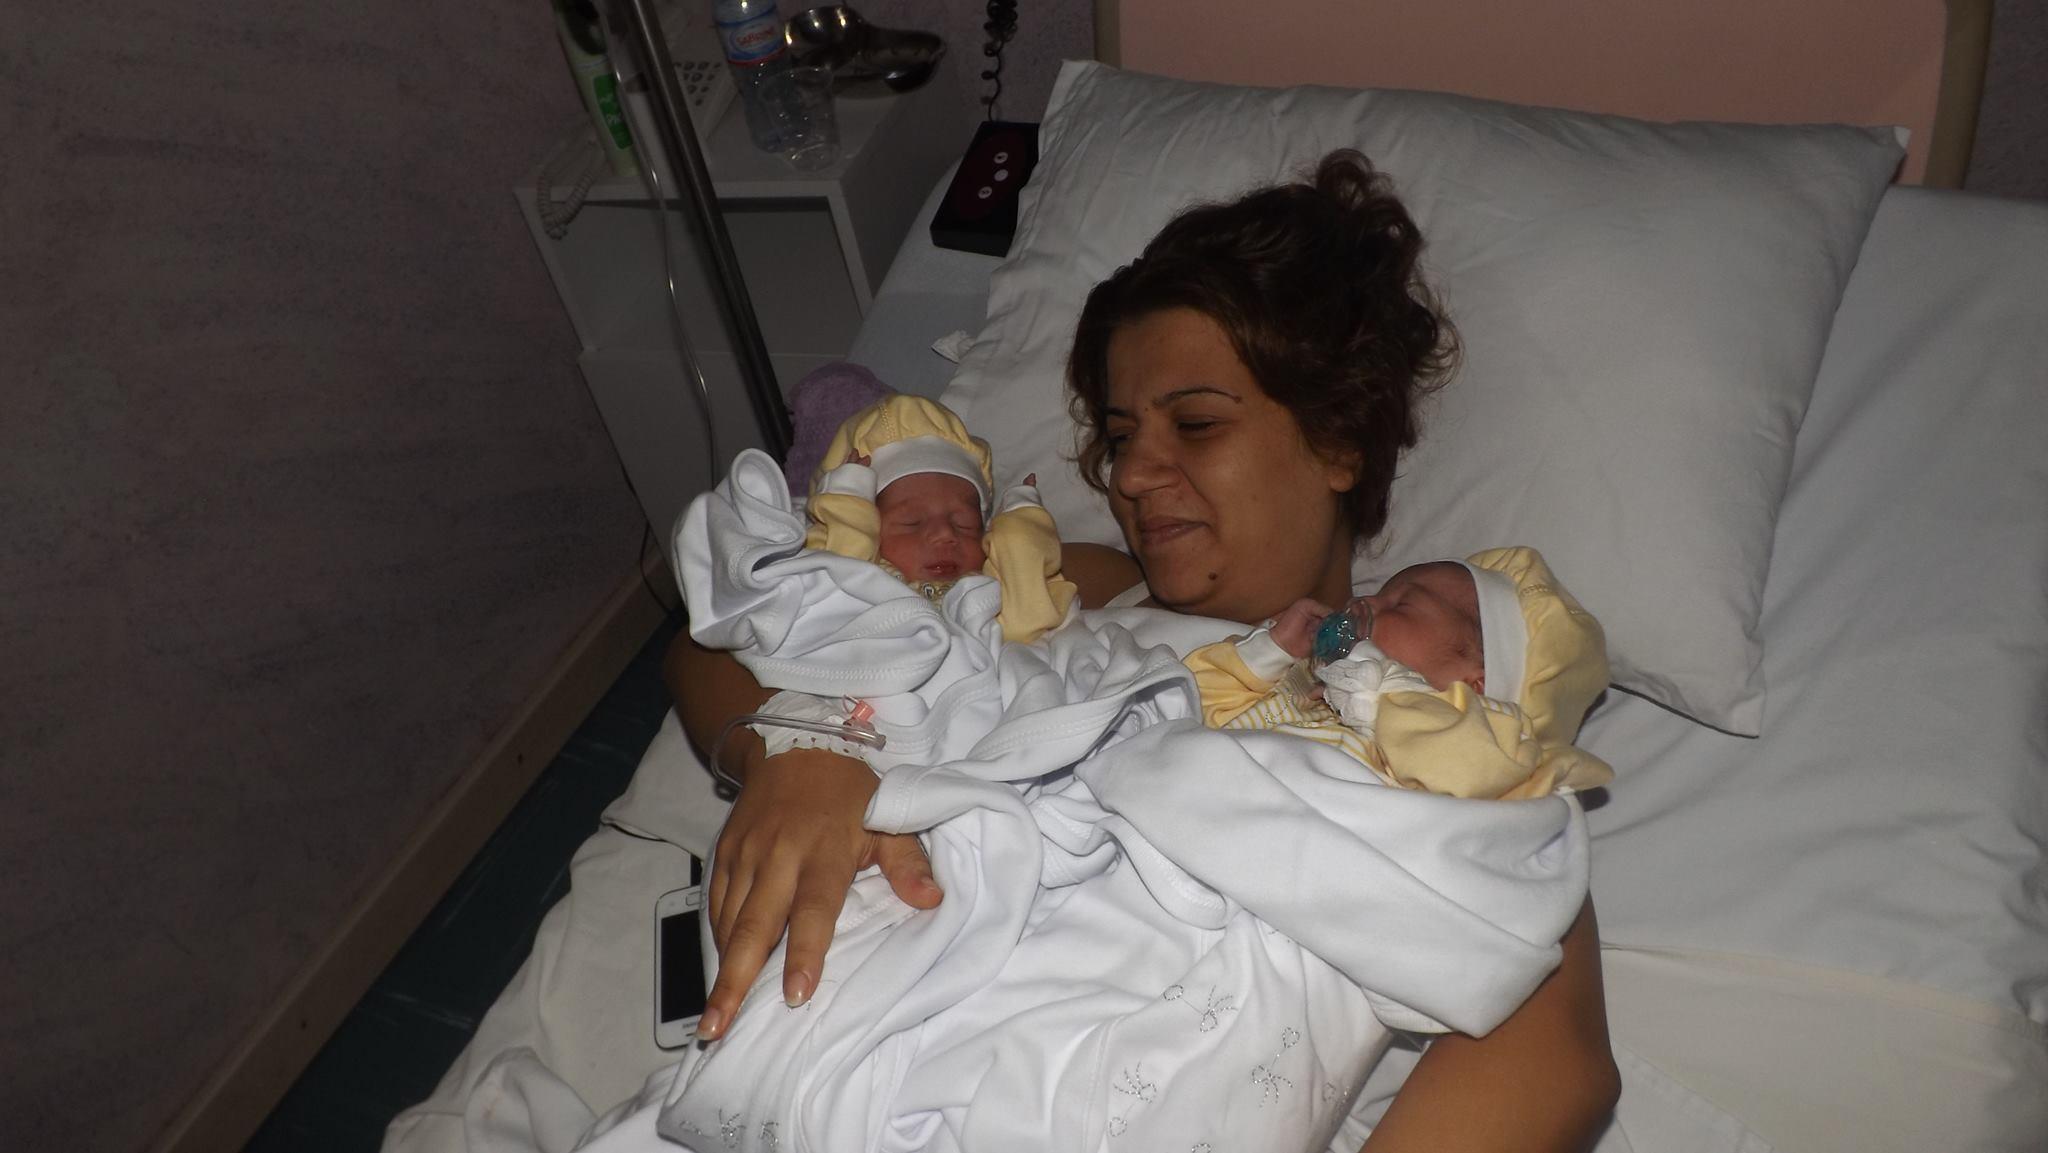 """ثقبوا معدتها خطأ أثناء الولادة : عائلة الفقيدة """"سميّة"""" تتّهم 11 طبيبا (وثائق)"""